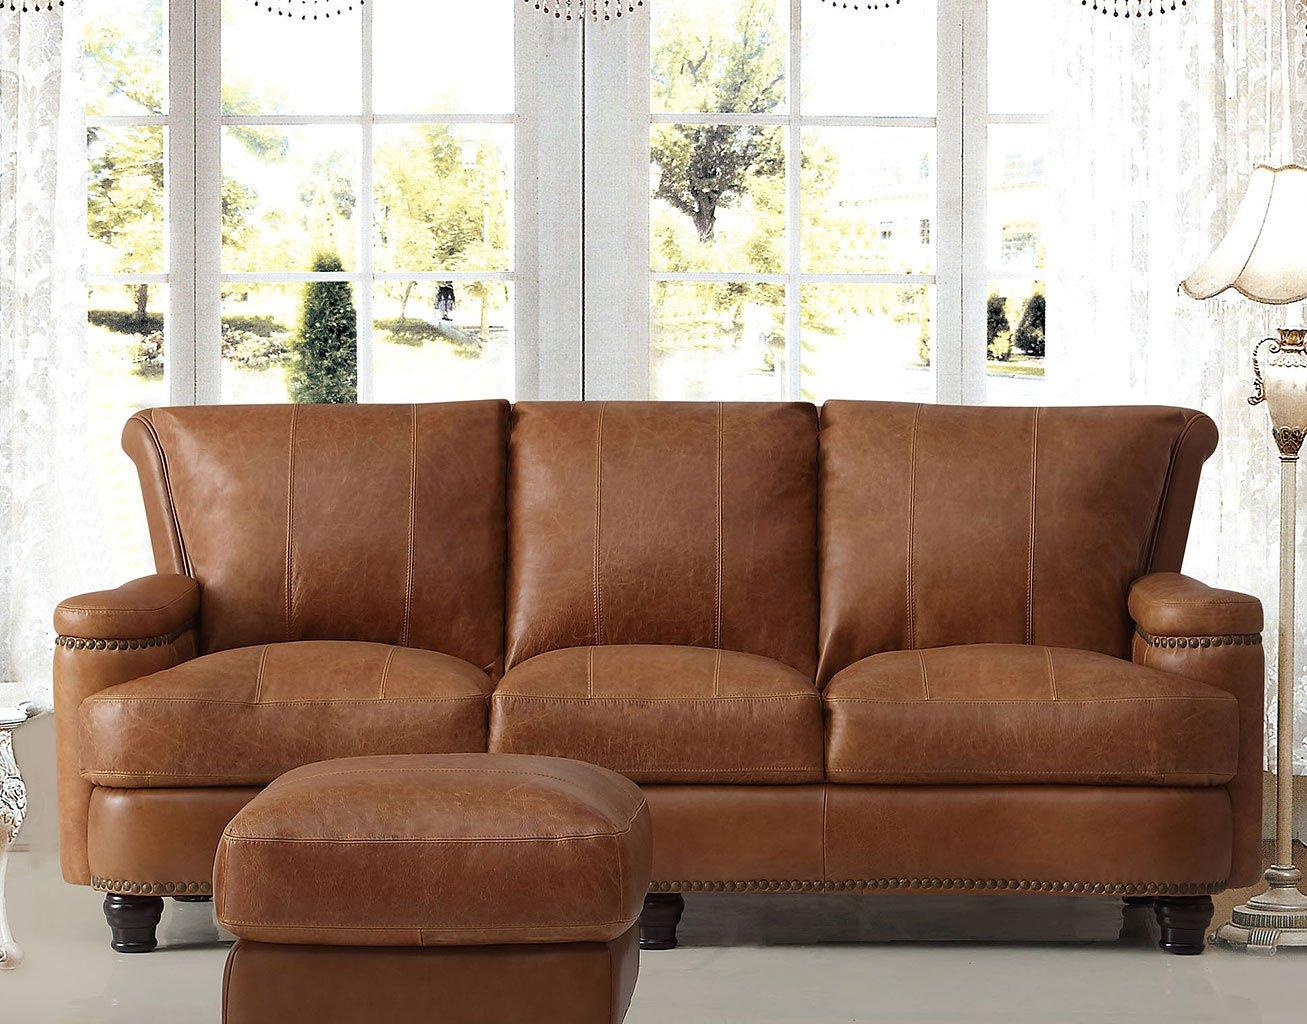 leather italia sofa furniture very large corner bed hutton saddle cart